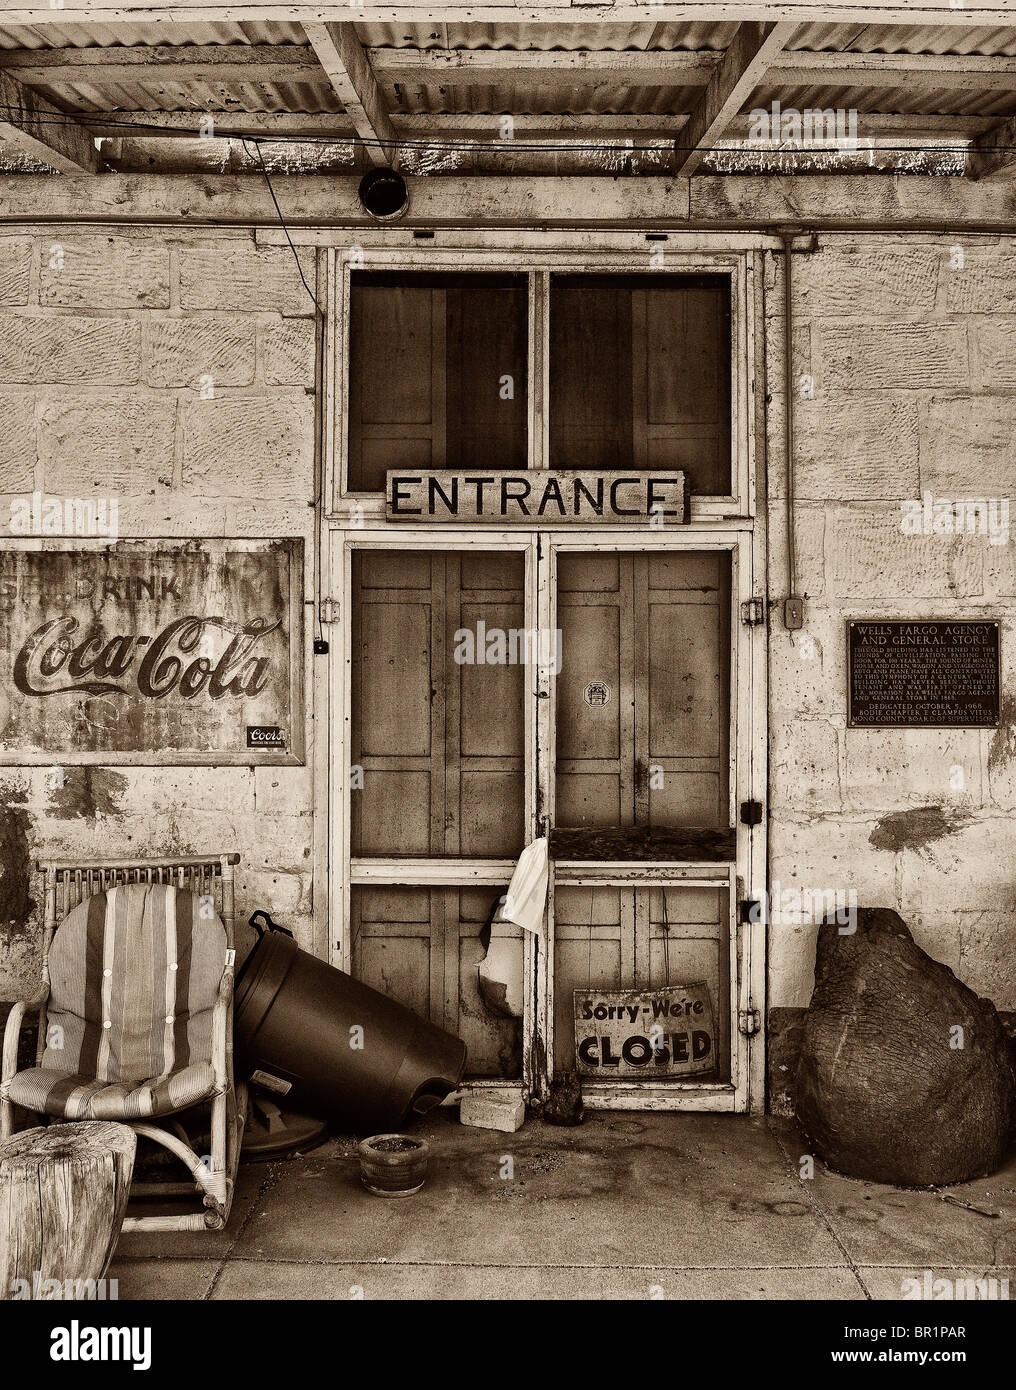 Abandoned door - Stock Image